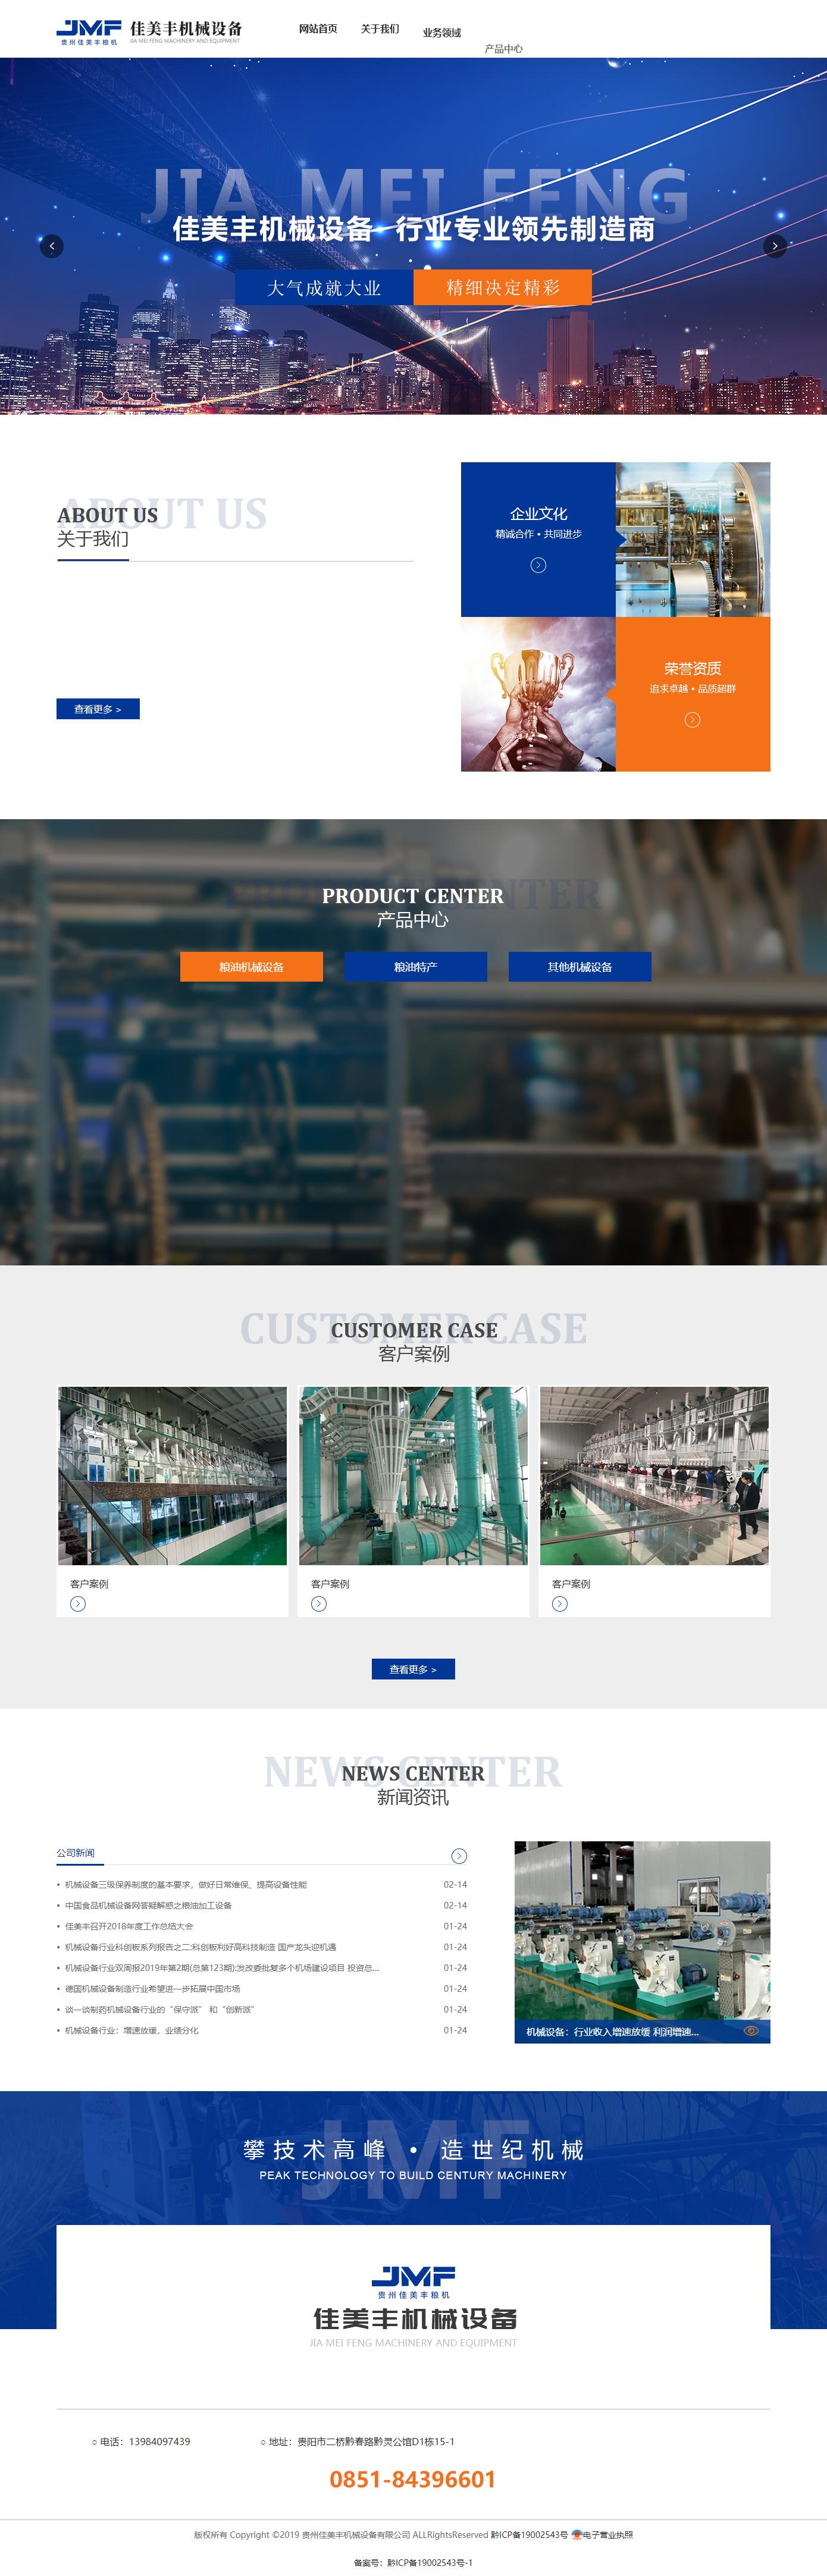 贵州佳美丰机械设备有限公司网站案例